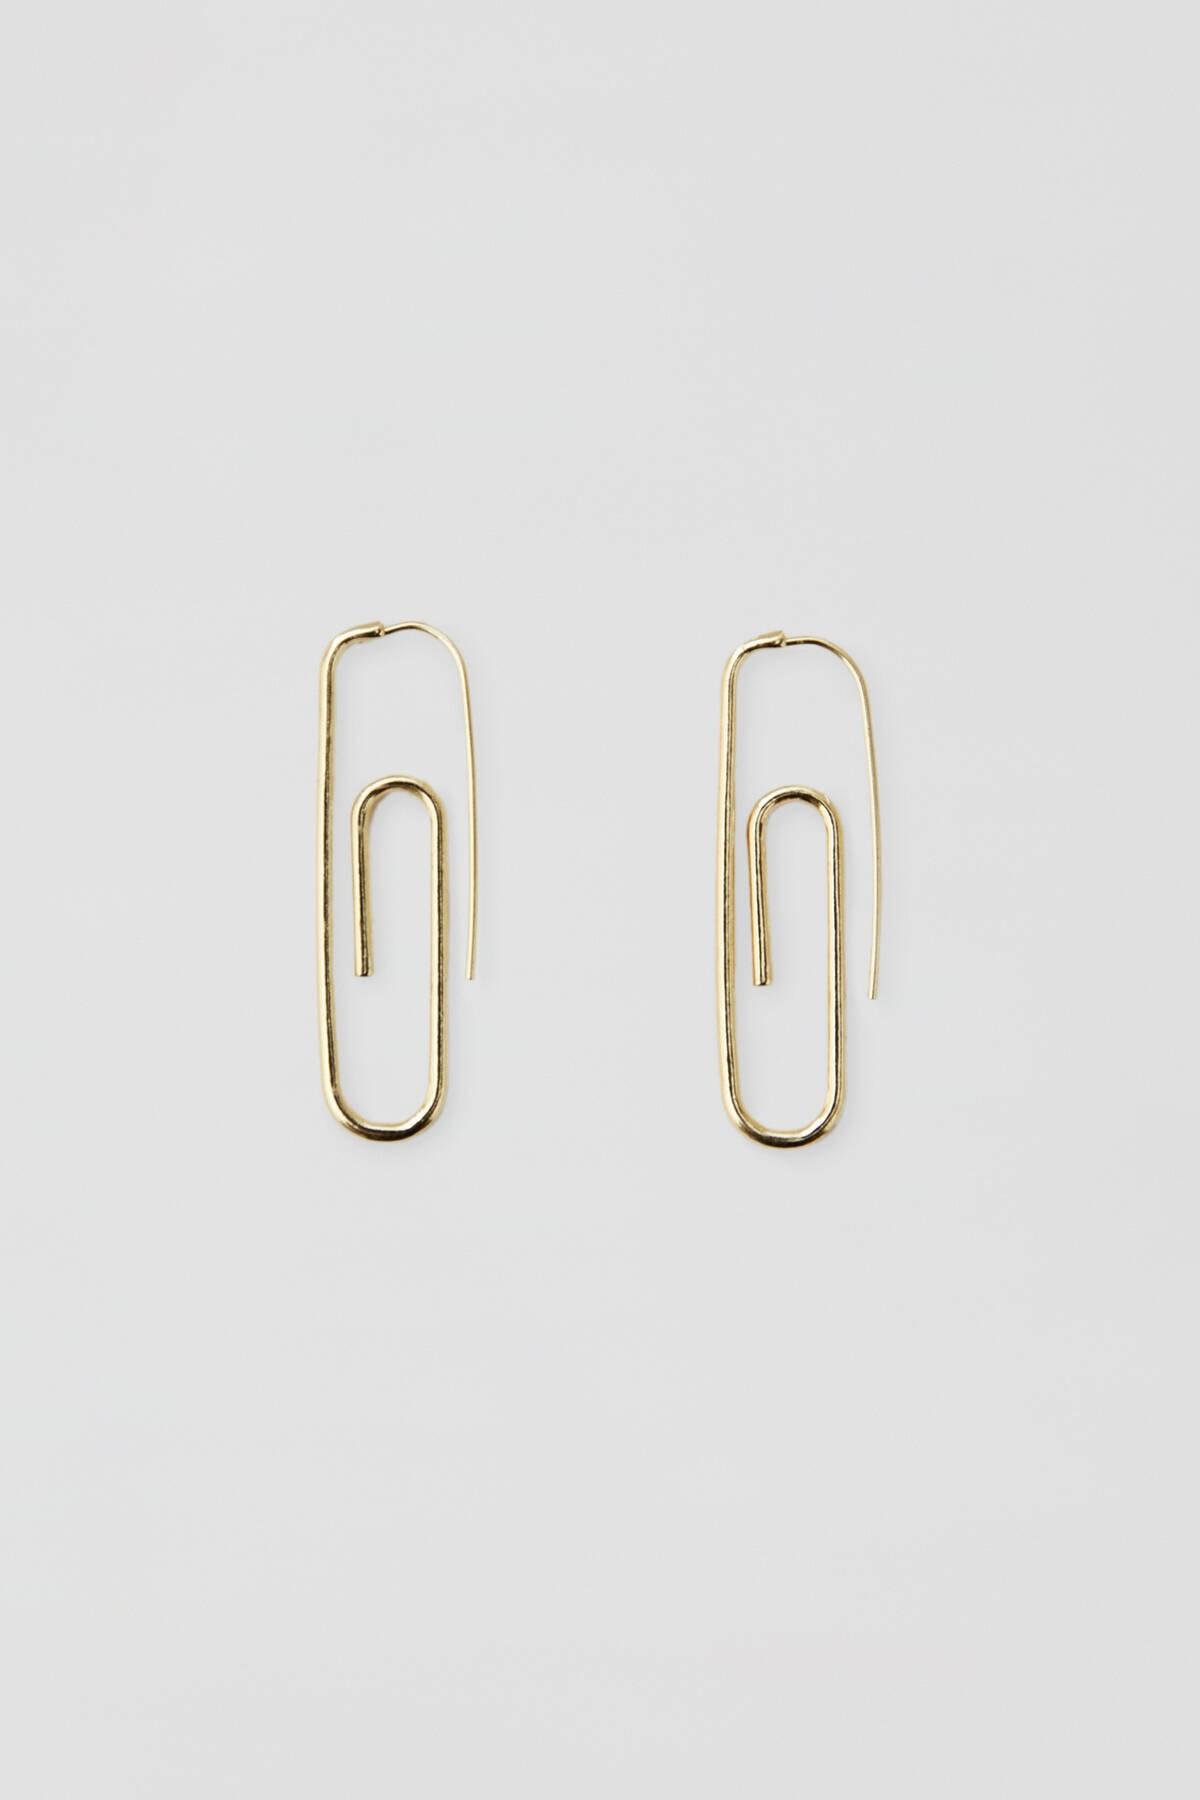 Pull & Bear Kadın Altın Rengi Altın Rengi Ataç Küpe 09996374 1